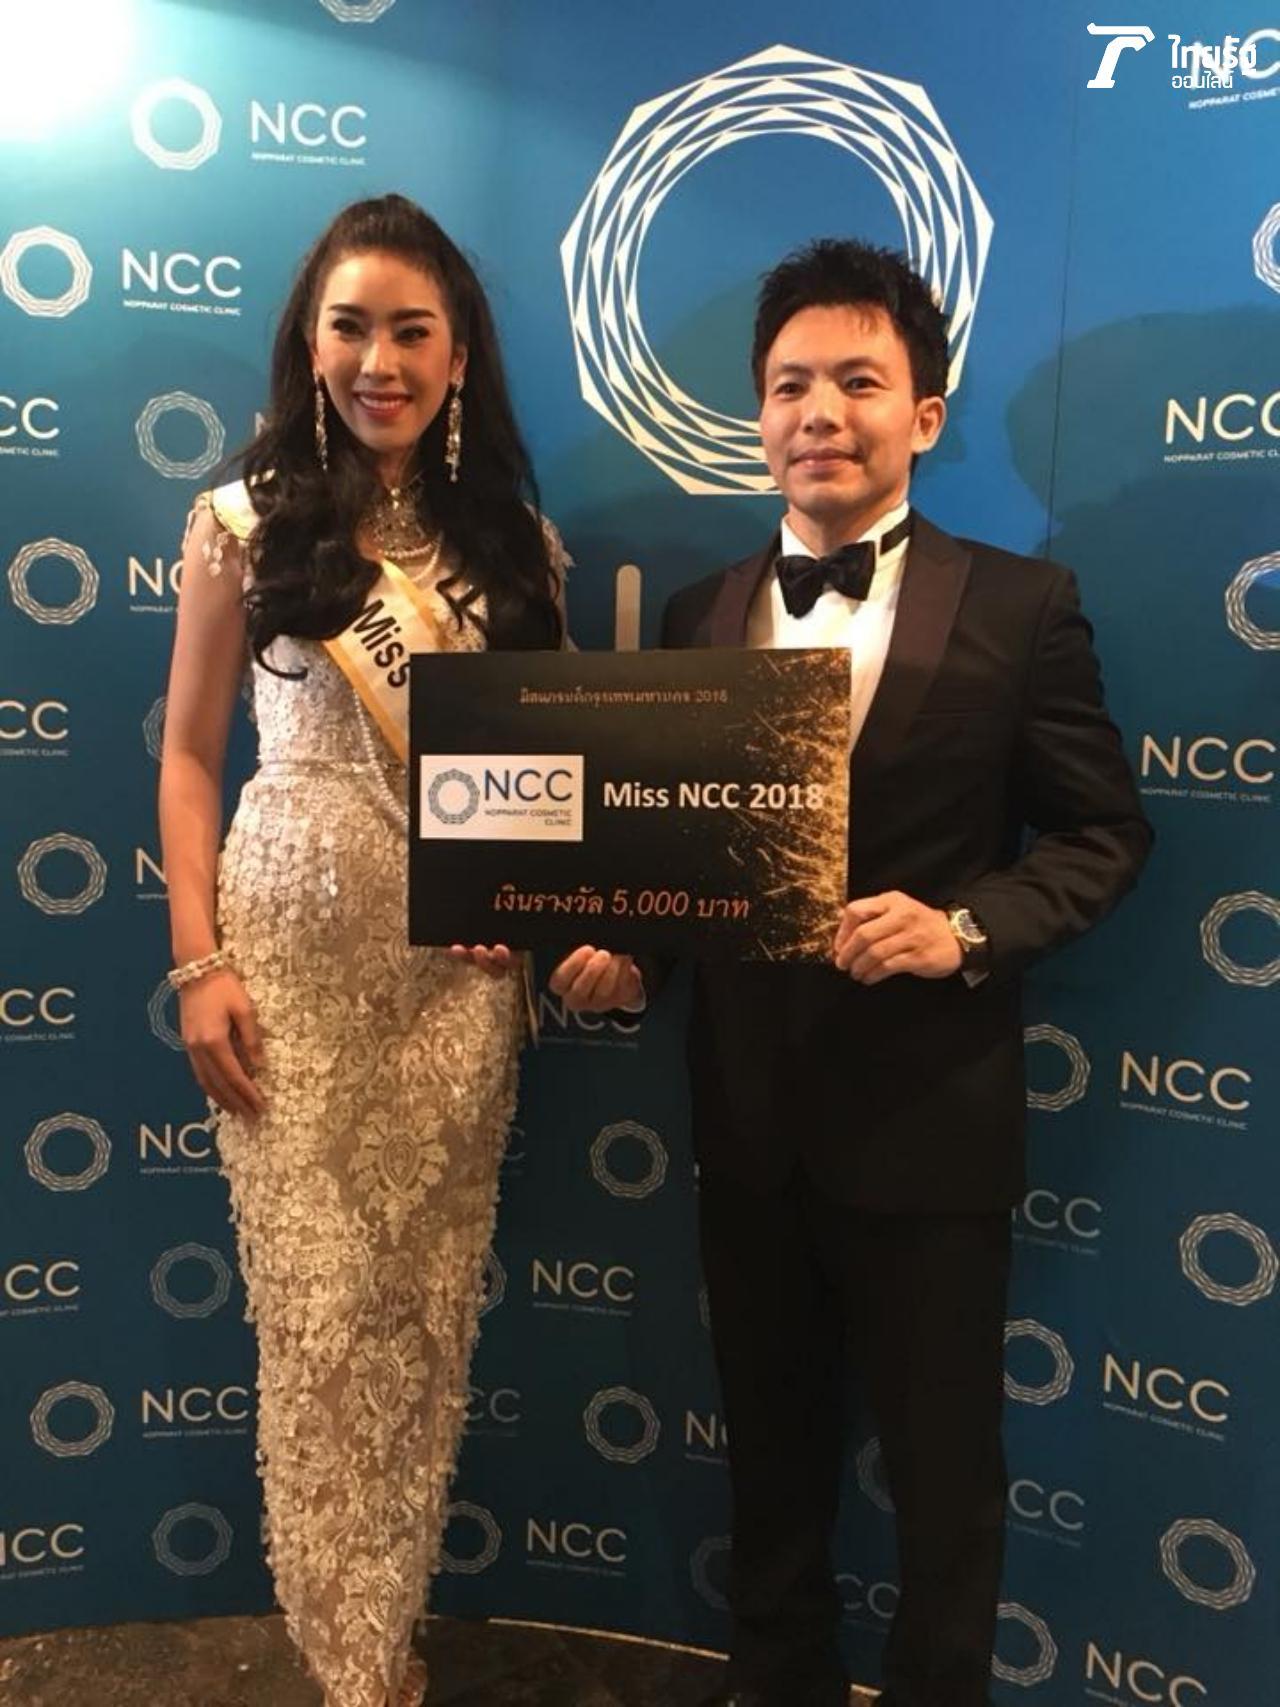 หมอสอง นพ.นพรัตน์ รัตนวราห ผู้บริหารนพรัตน์คอสเมติกคลินิก Nopparat Cosmetic Clinic (NCC) มอบรางวัลมิส NCC 2018 มาย ภิรญา ศรีมุกข์